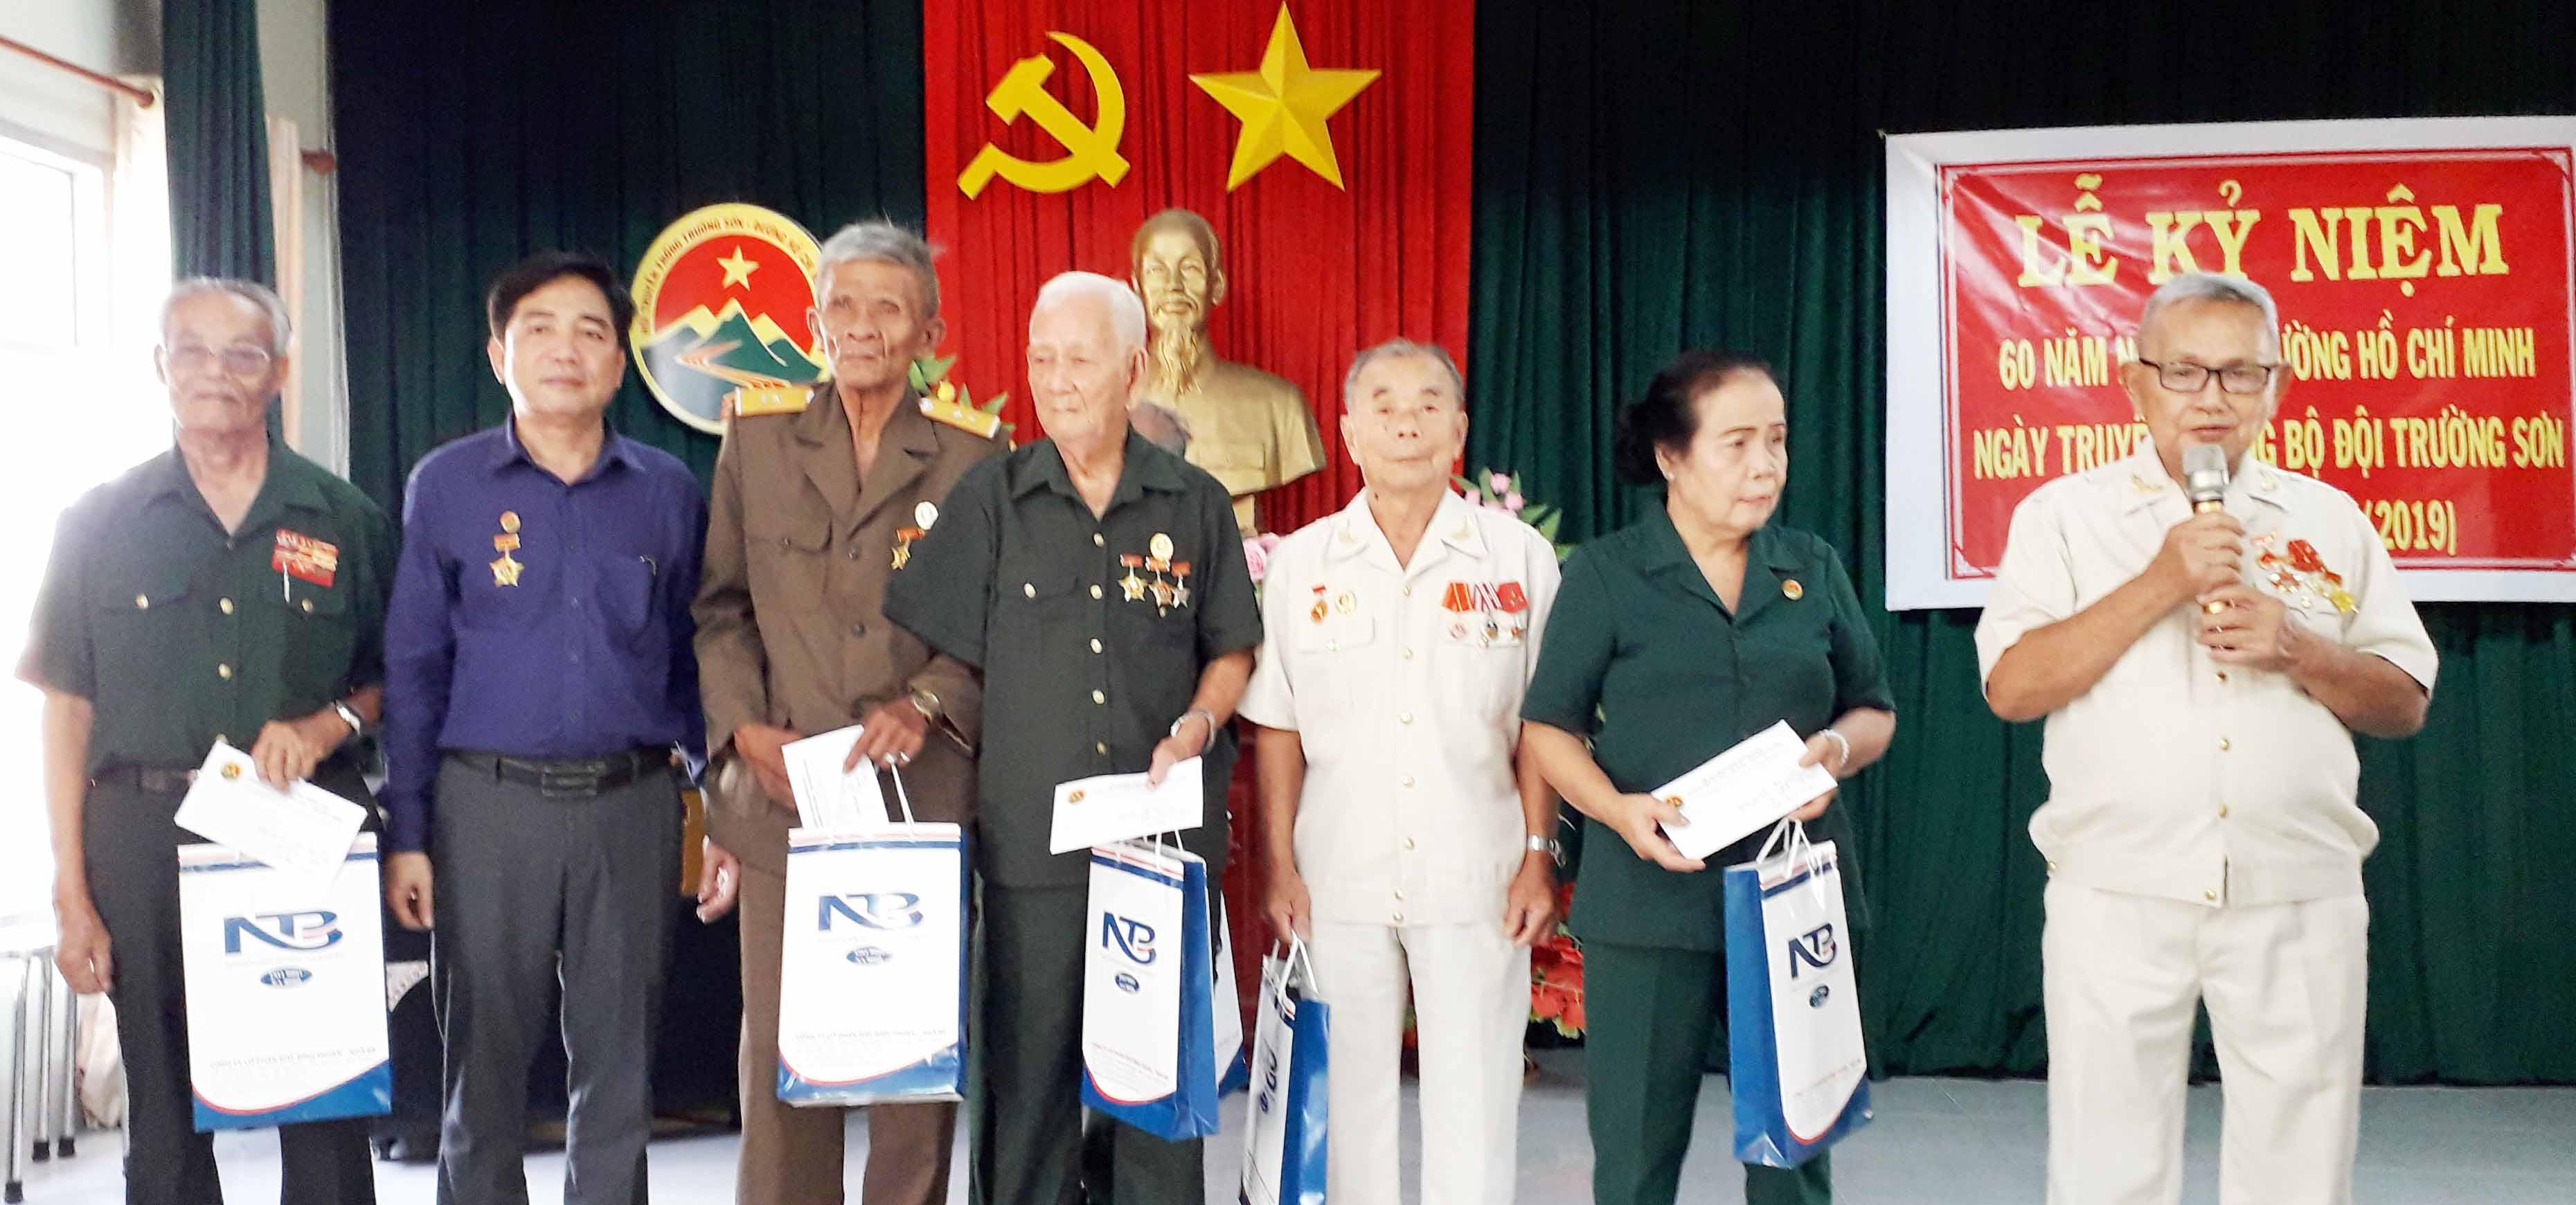 Hội TS Thị xã Lagi kỷ niệm 60 năm Trường Sơn